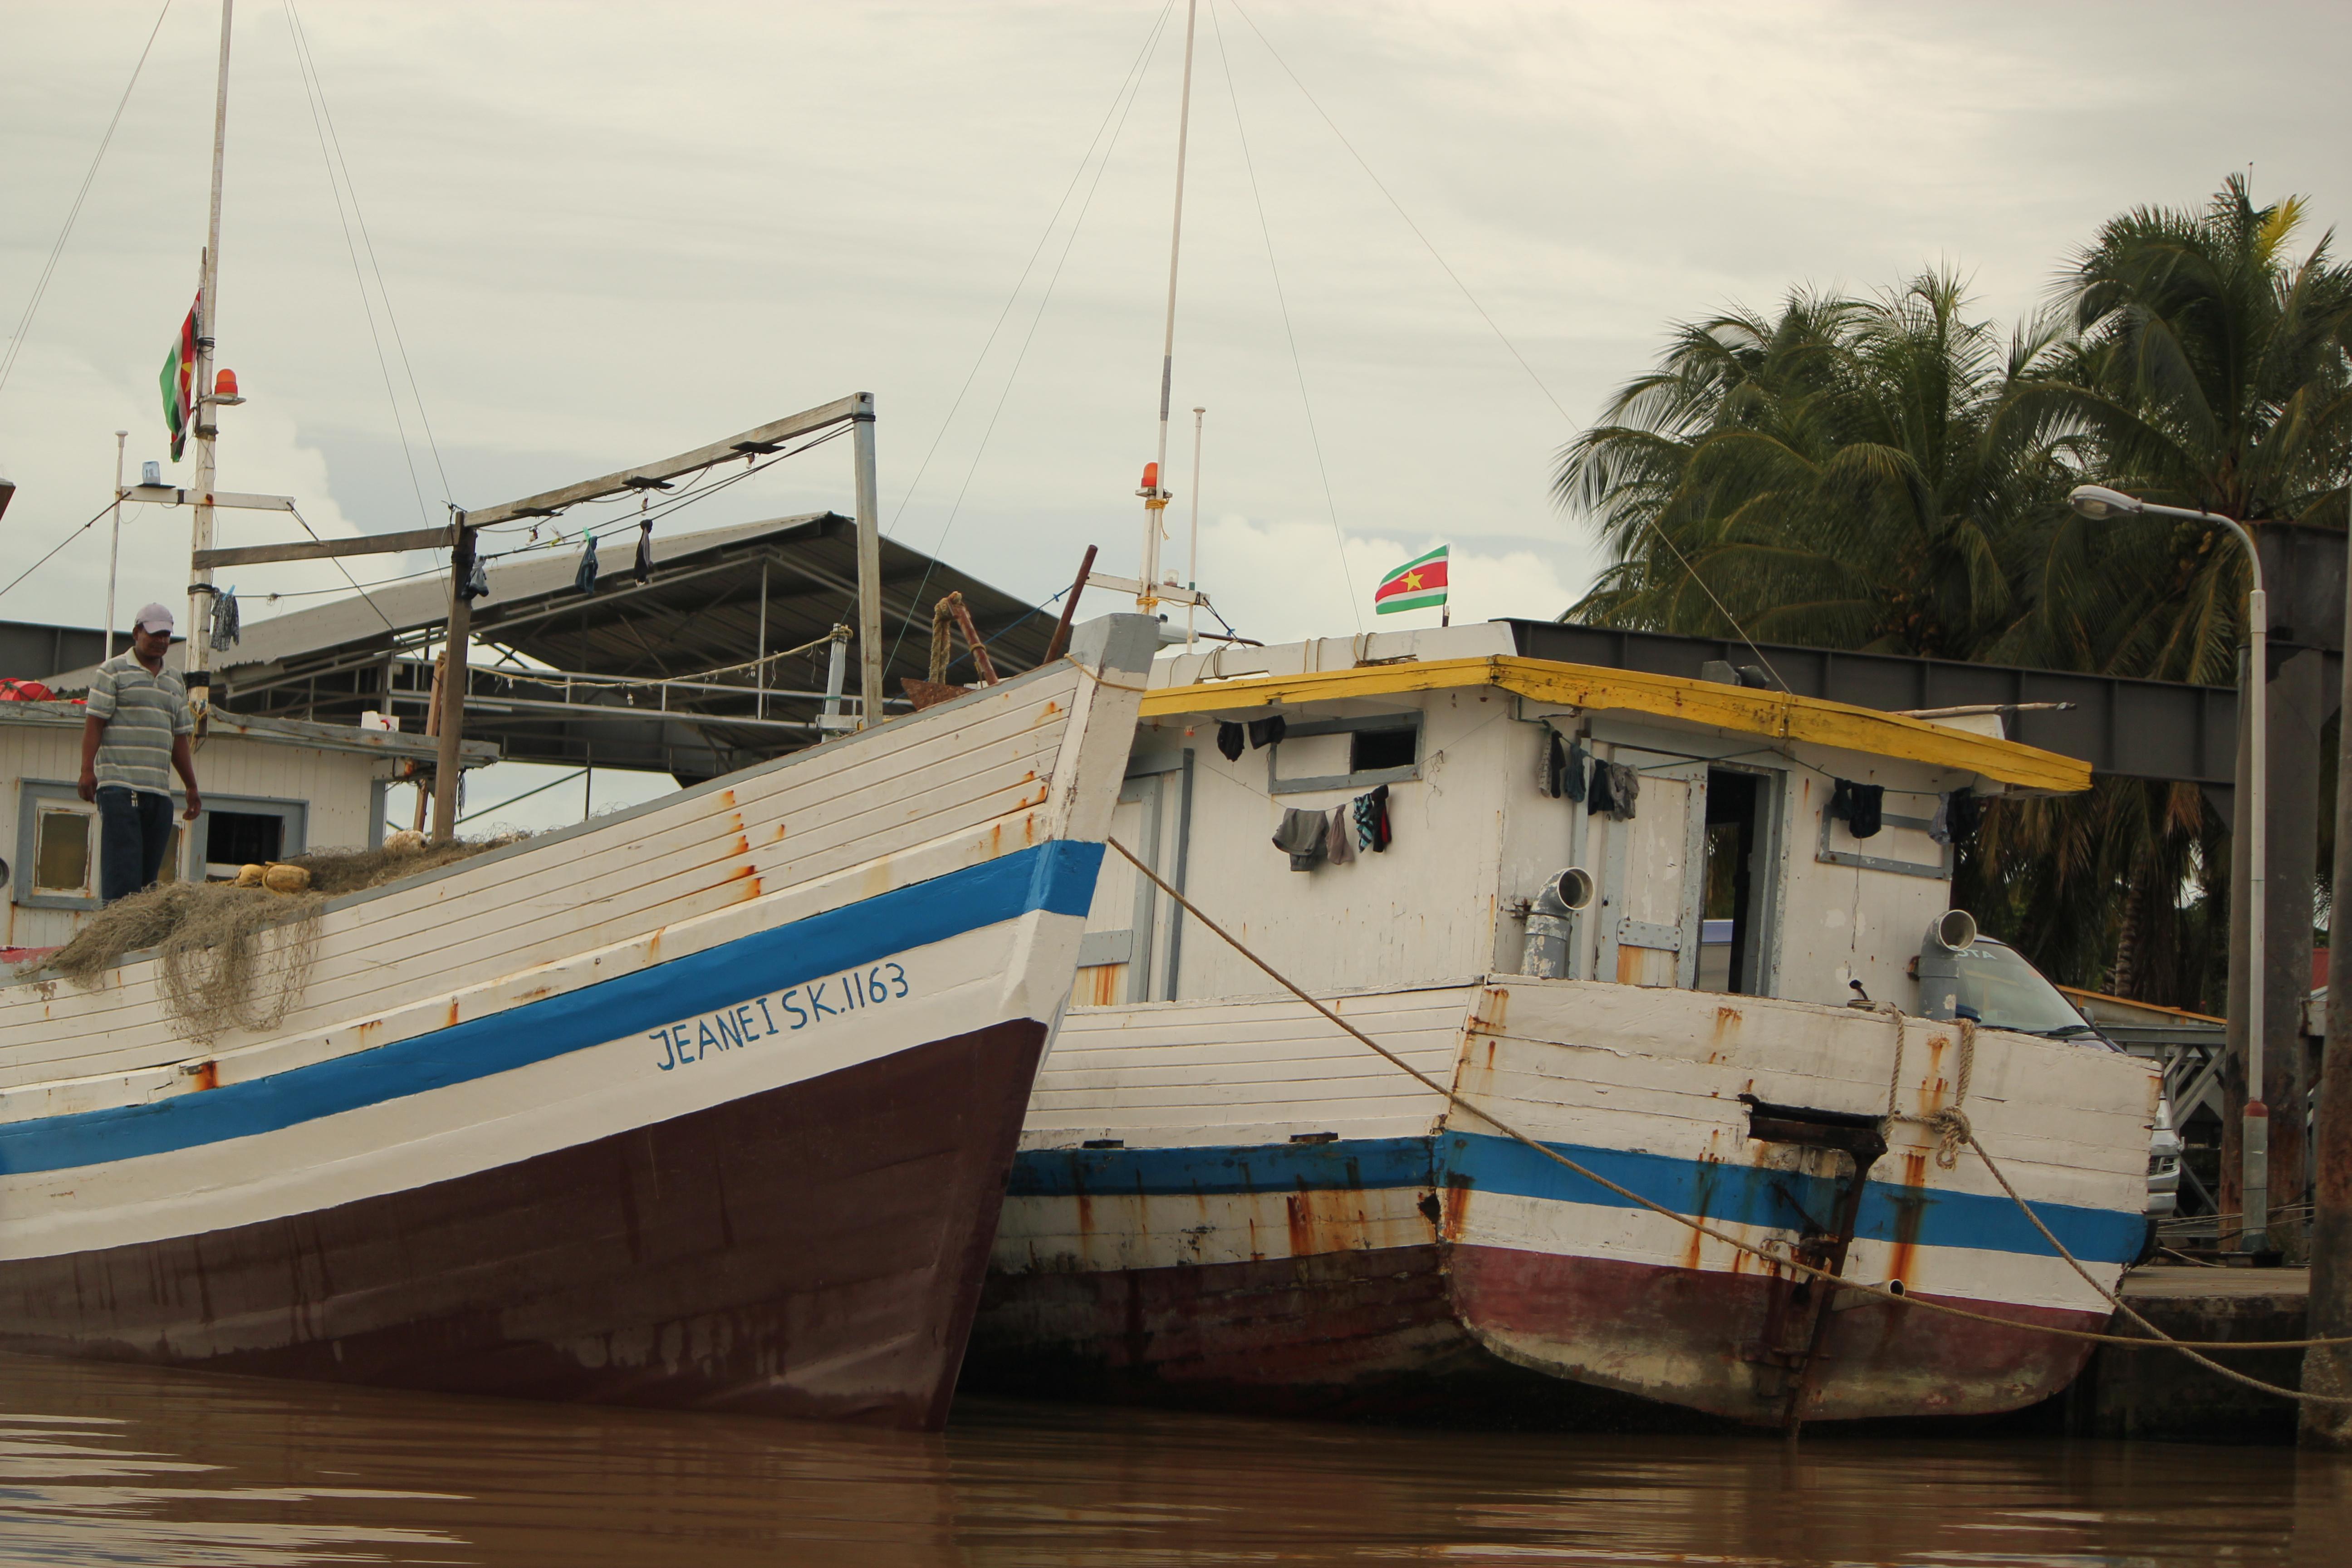 Fishing Boats; Paramibo, Suriname; 2013